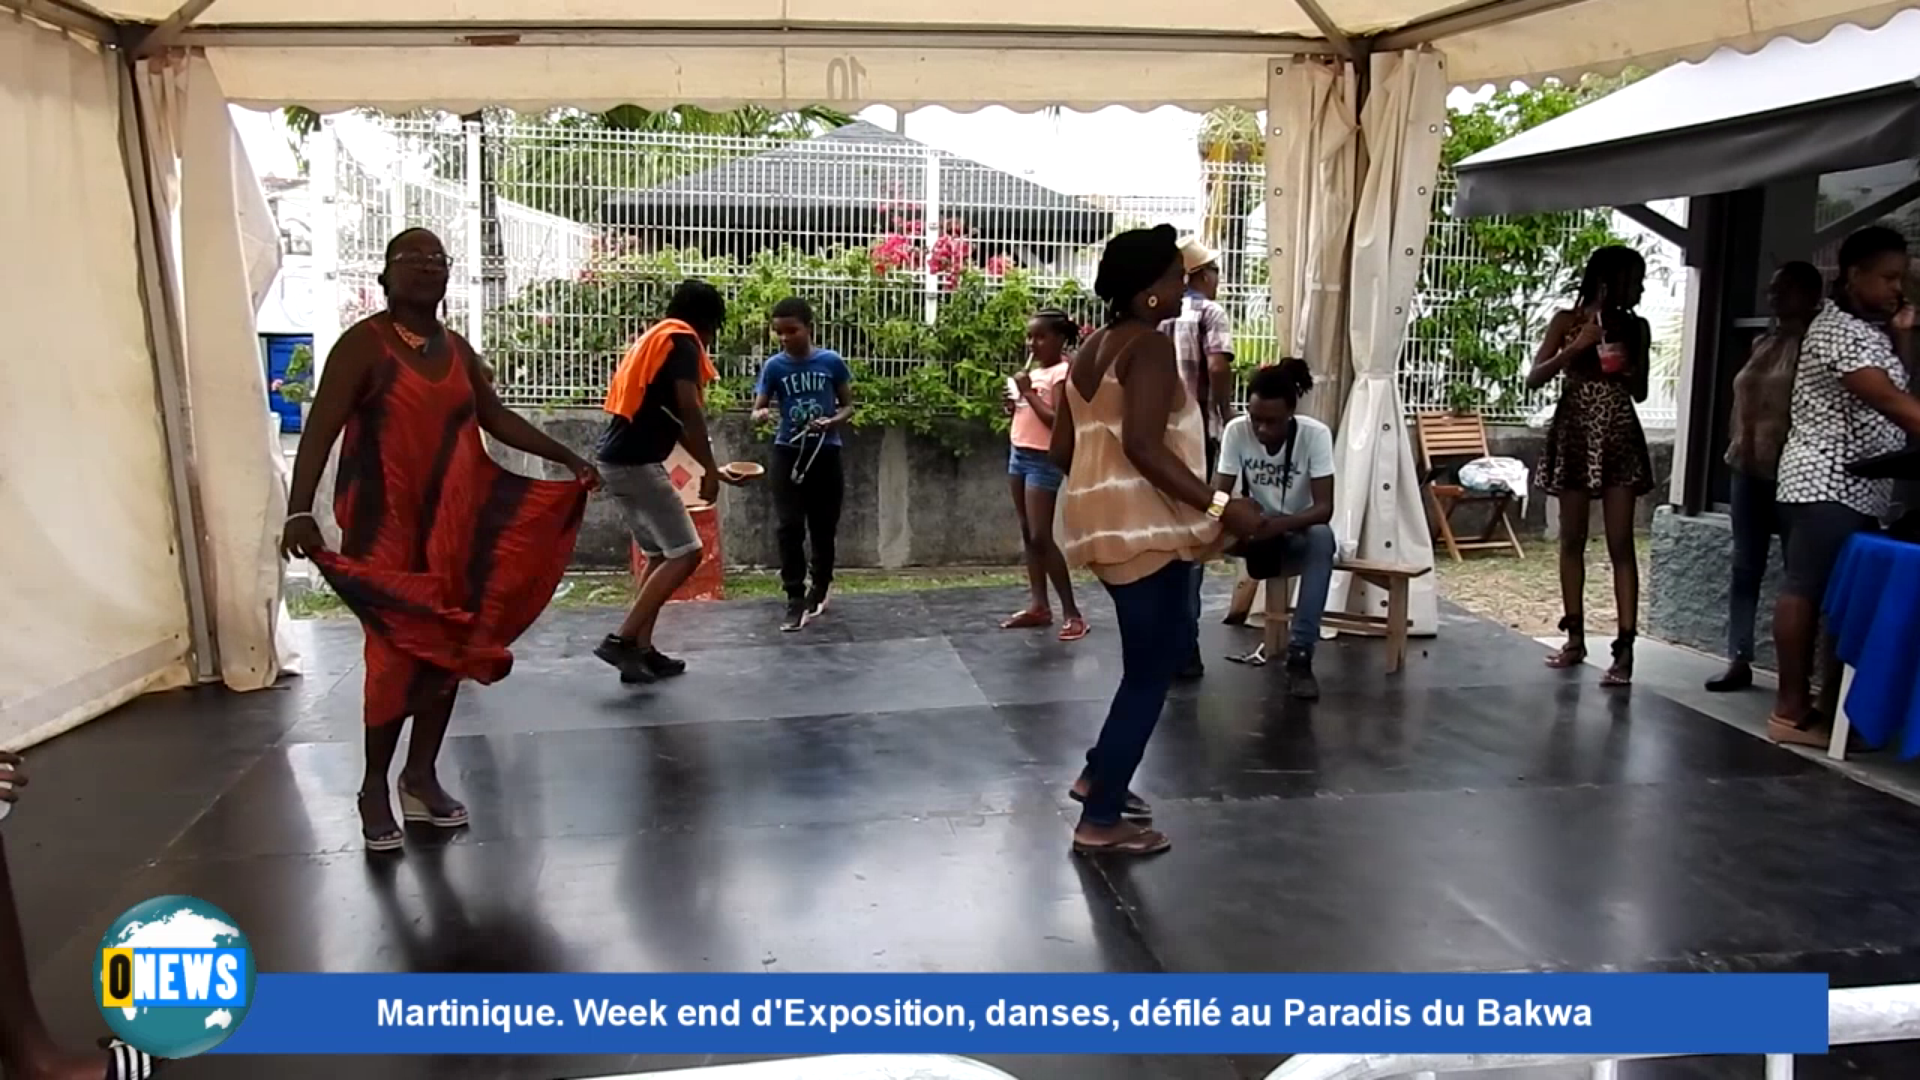 [Vidéo] Onews Martinique. Week end d'exposition, danses, défilé au paradis du Bakwa